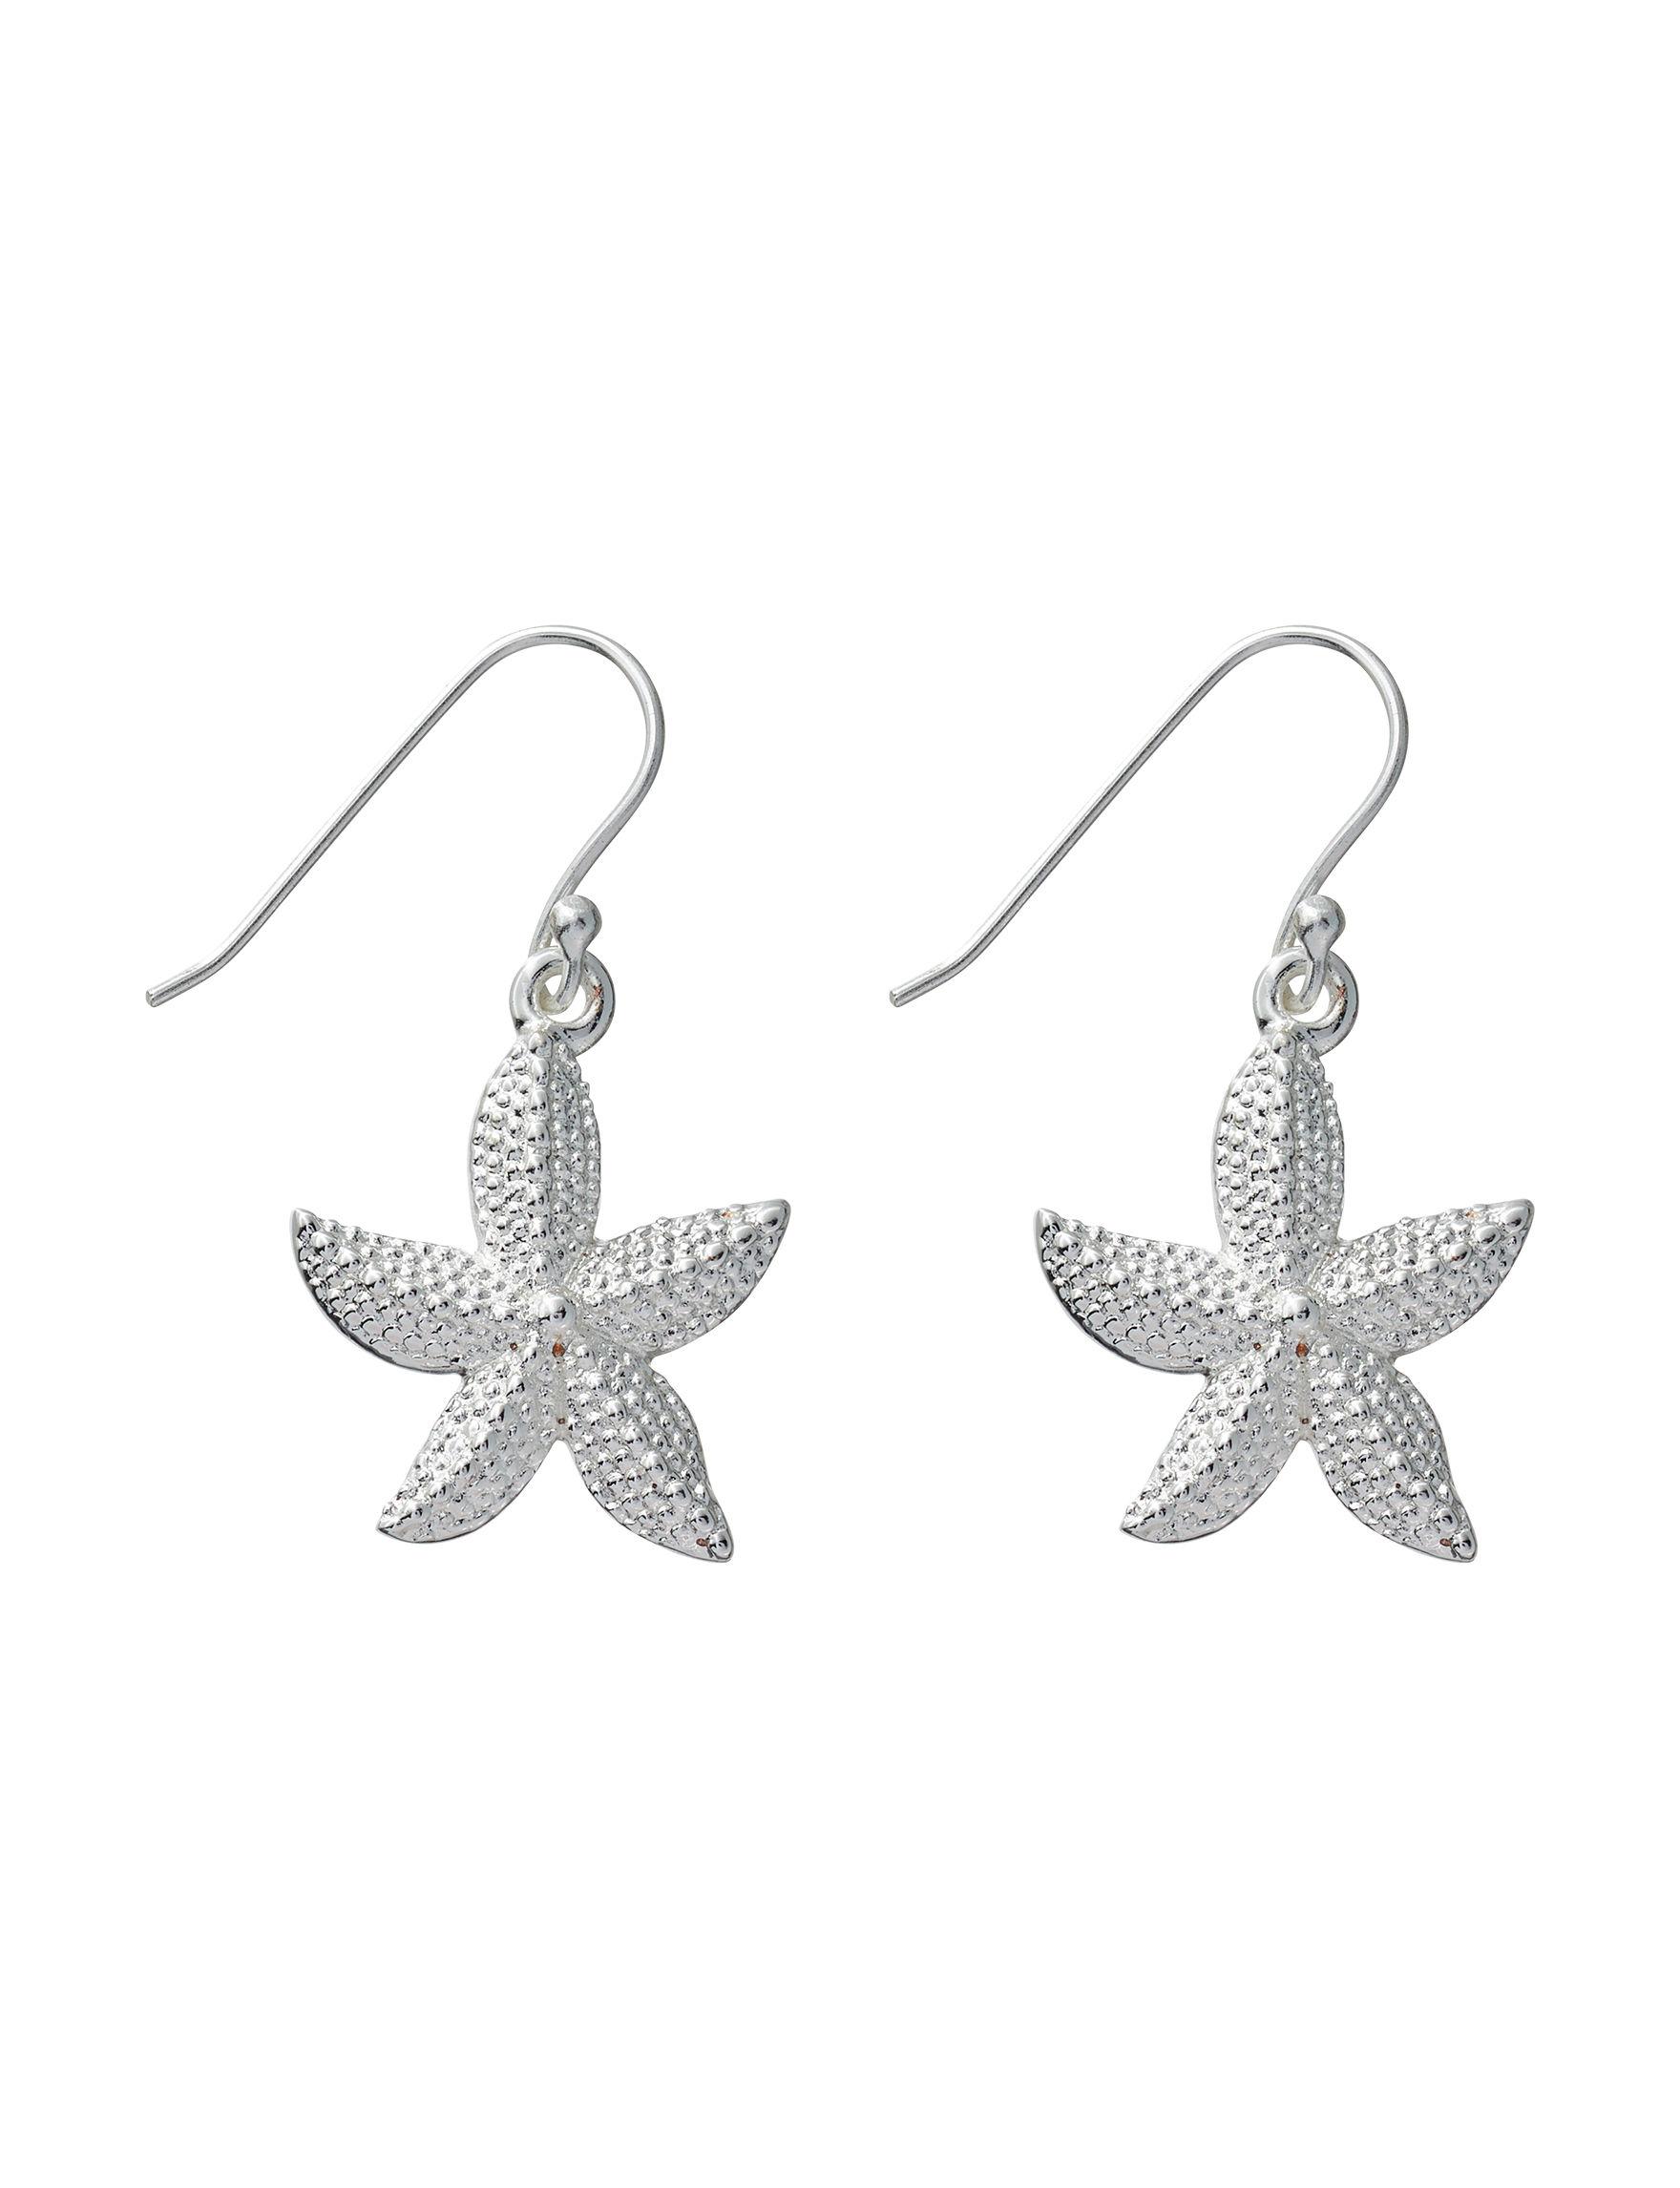 Danecraft Silver / Crystal Drops Earrings Fine Jewelry